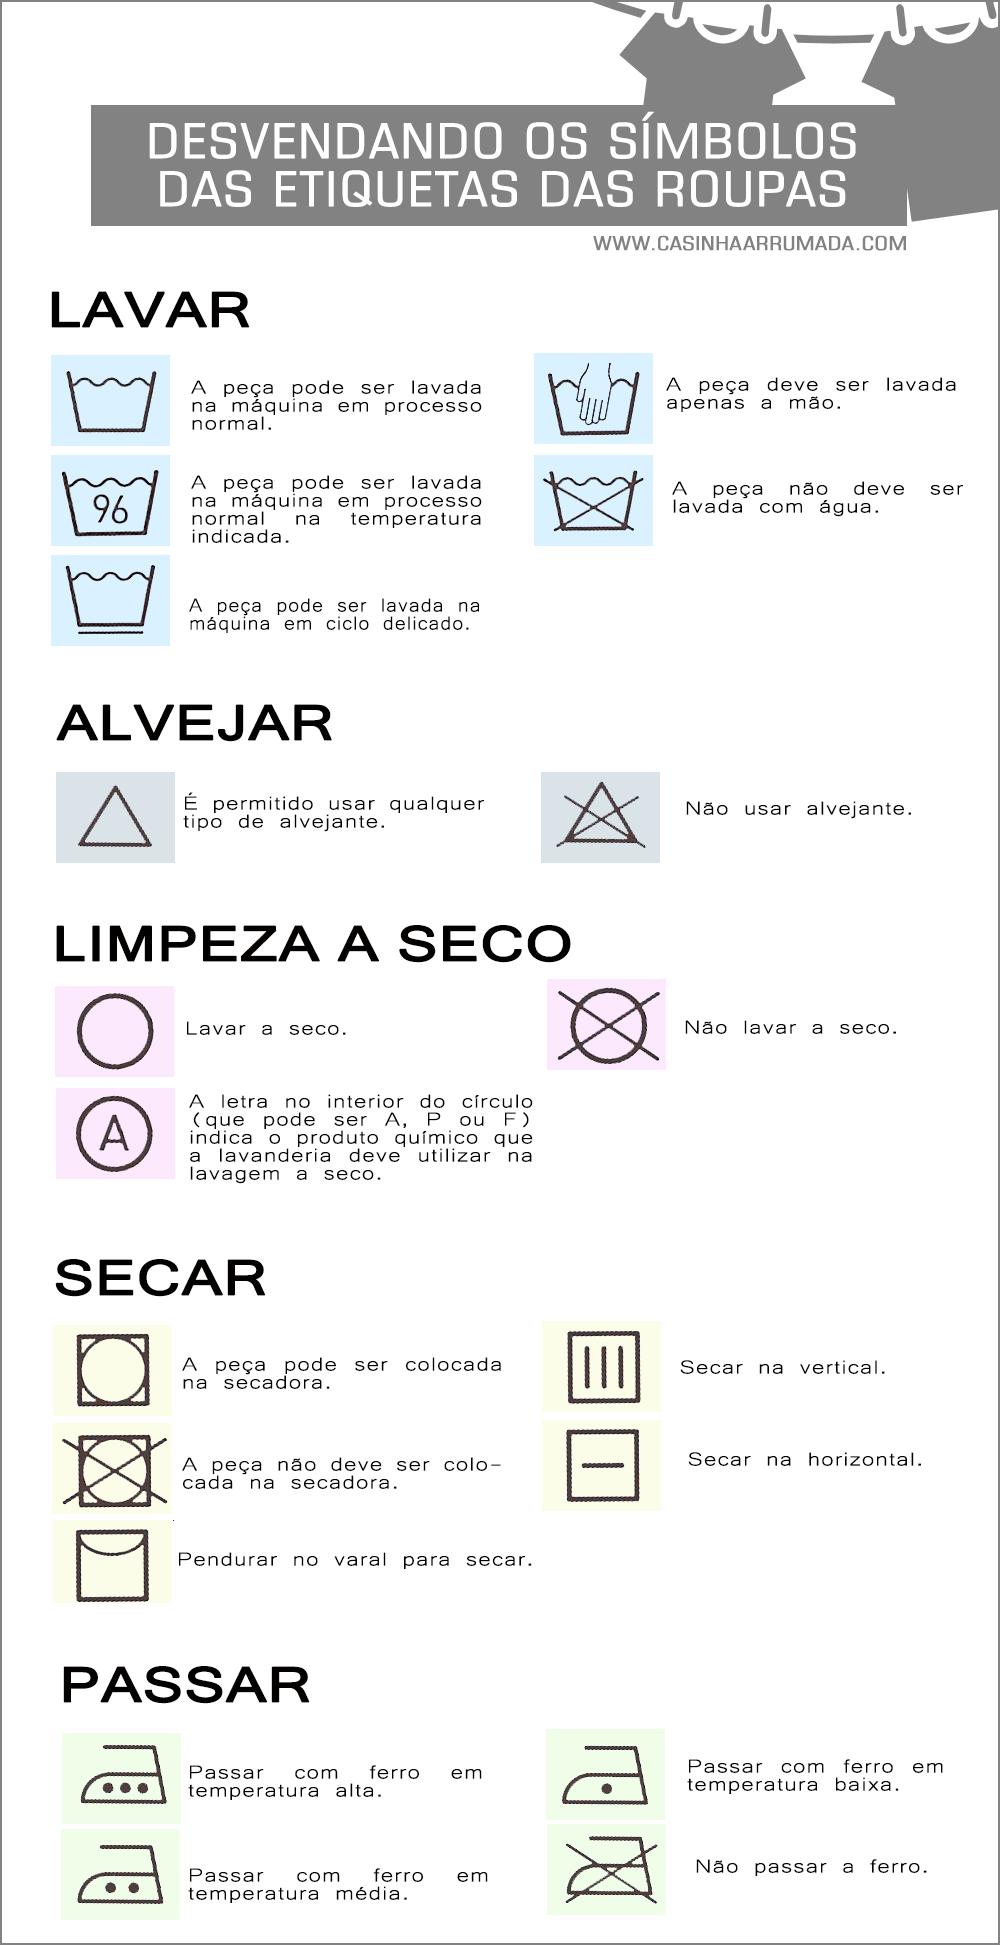 Artesanato Em Mdf Para Cozinha ~ Como ler os símbolos de lavagem de roupas das etiquetas Casinha Arrumada